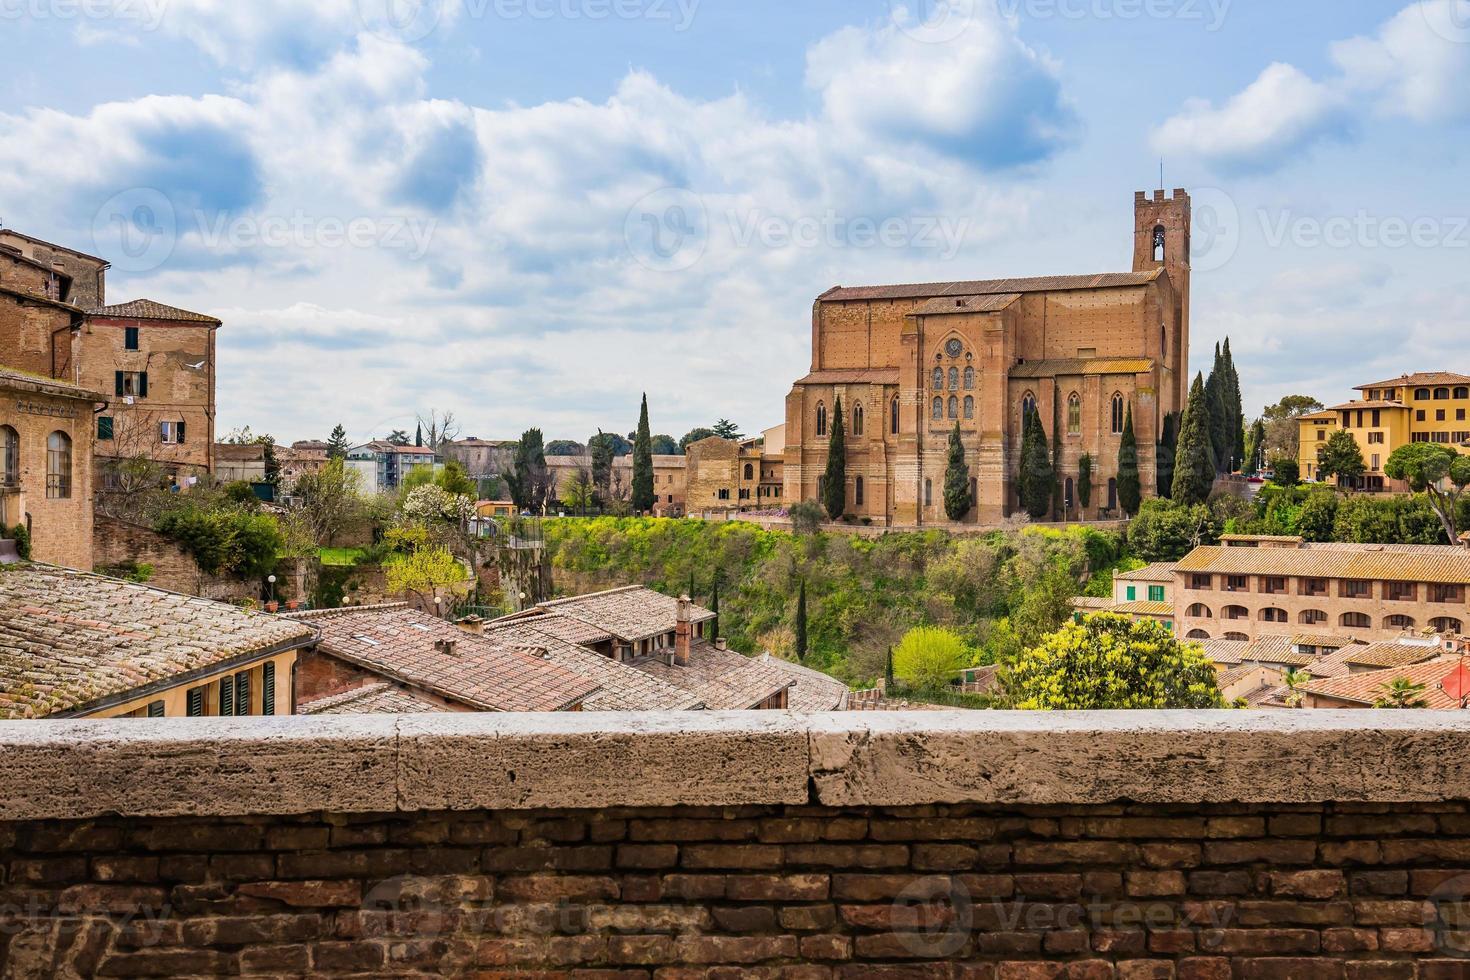 El paisaje urbano de Siena en el sur de la Toscana, Italia foto